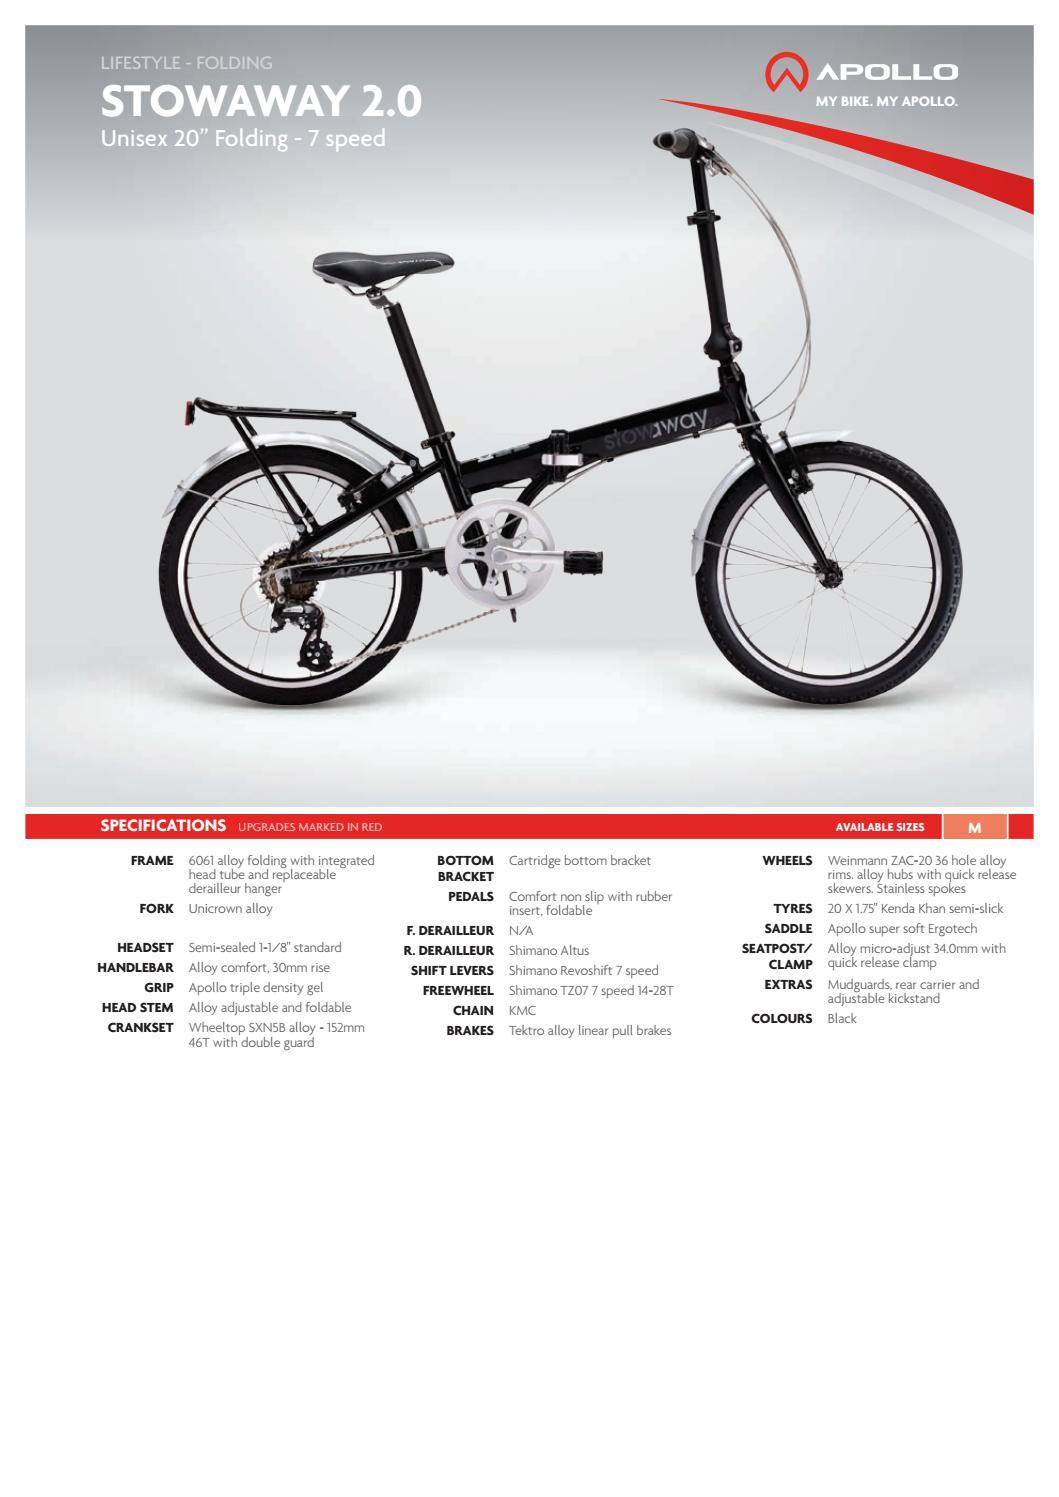 Apollo 2012 Catalogue by Apollo Bicycles - issuu 829e8e7ffc